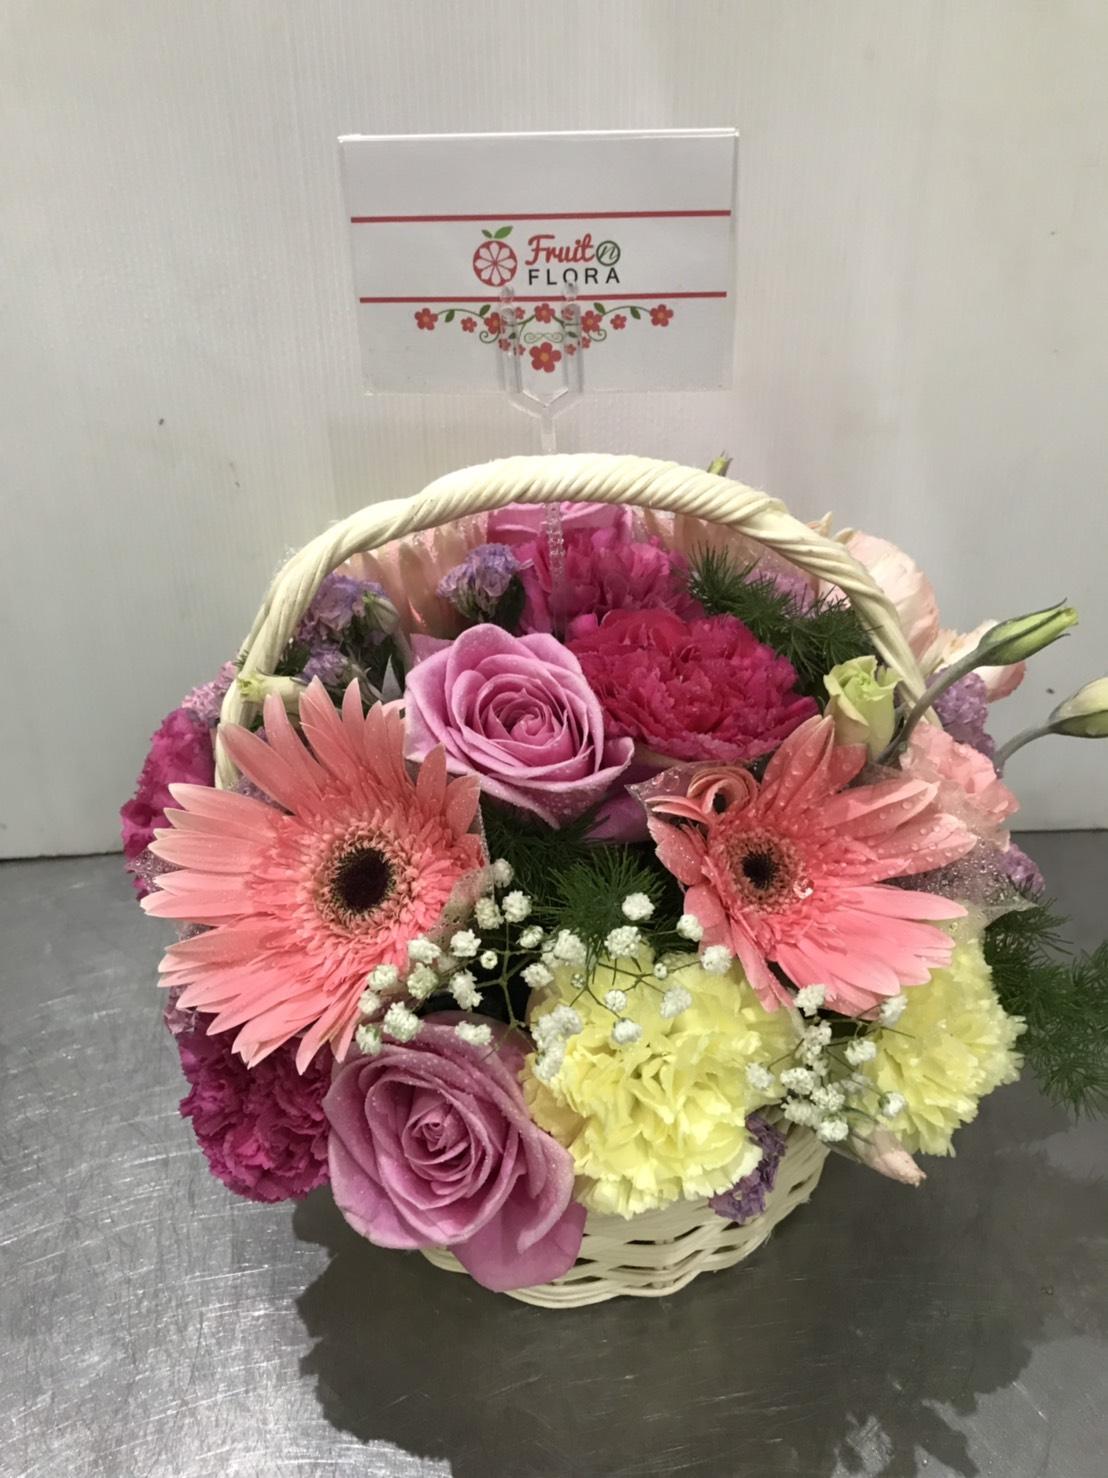 กระเช้าดอกไม้สไตล์น่ารัก ๆ มอบให้ใครก็รับประกันความประทับใจแน่ ๆ ค่ะ